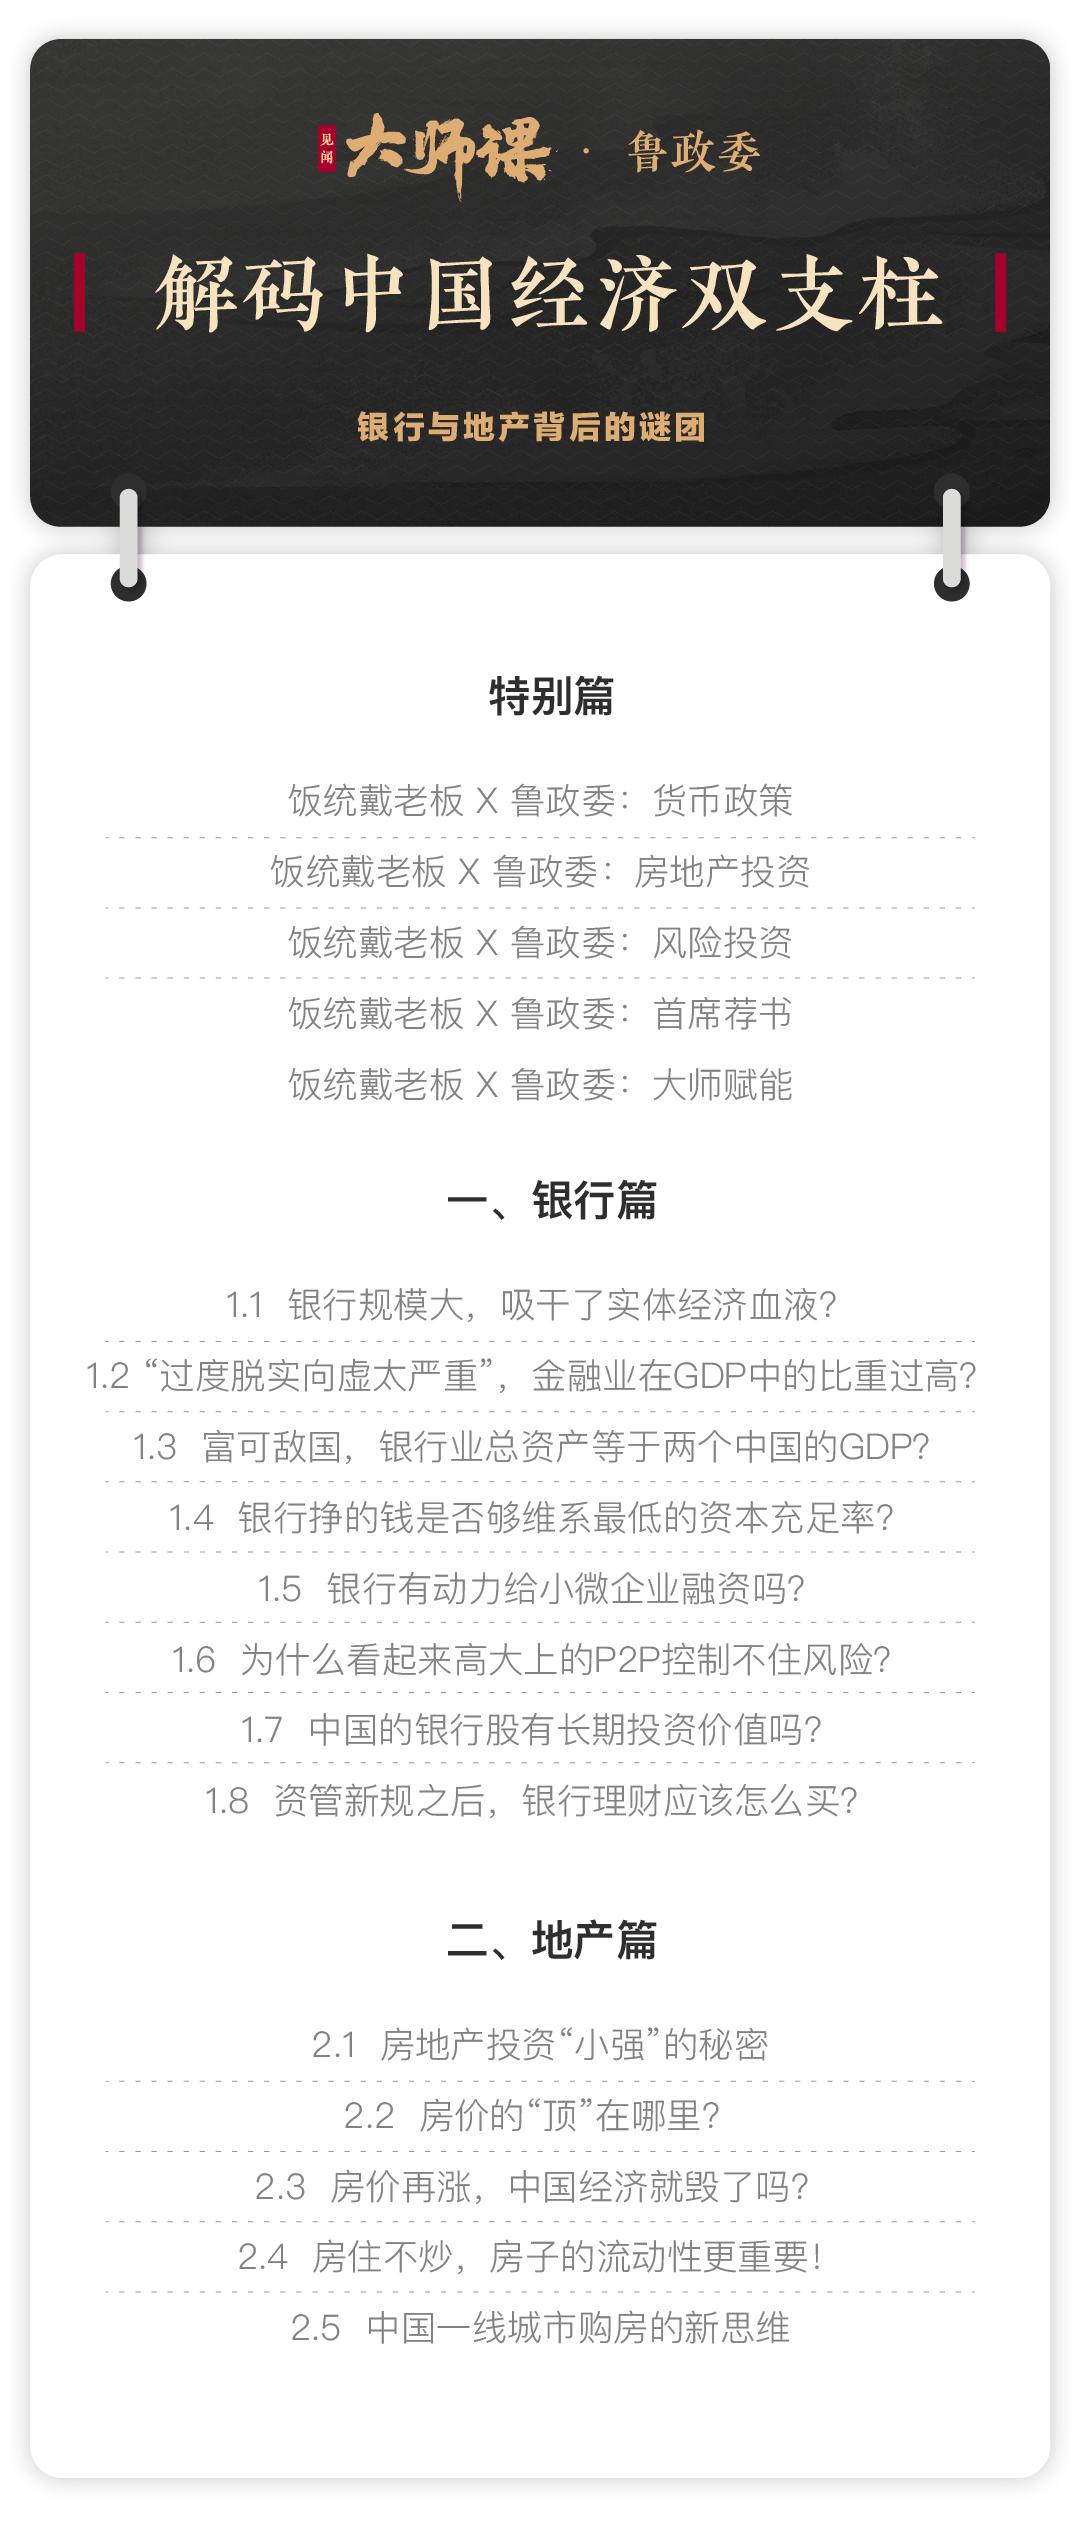 解码中国经济双支柱鲁政委 大师课